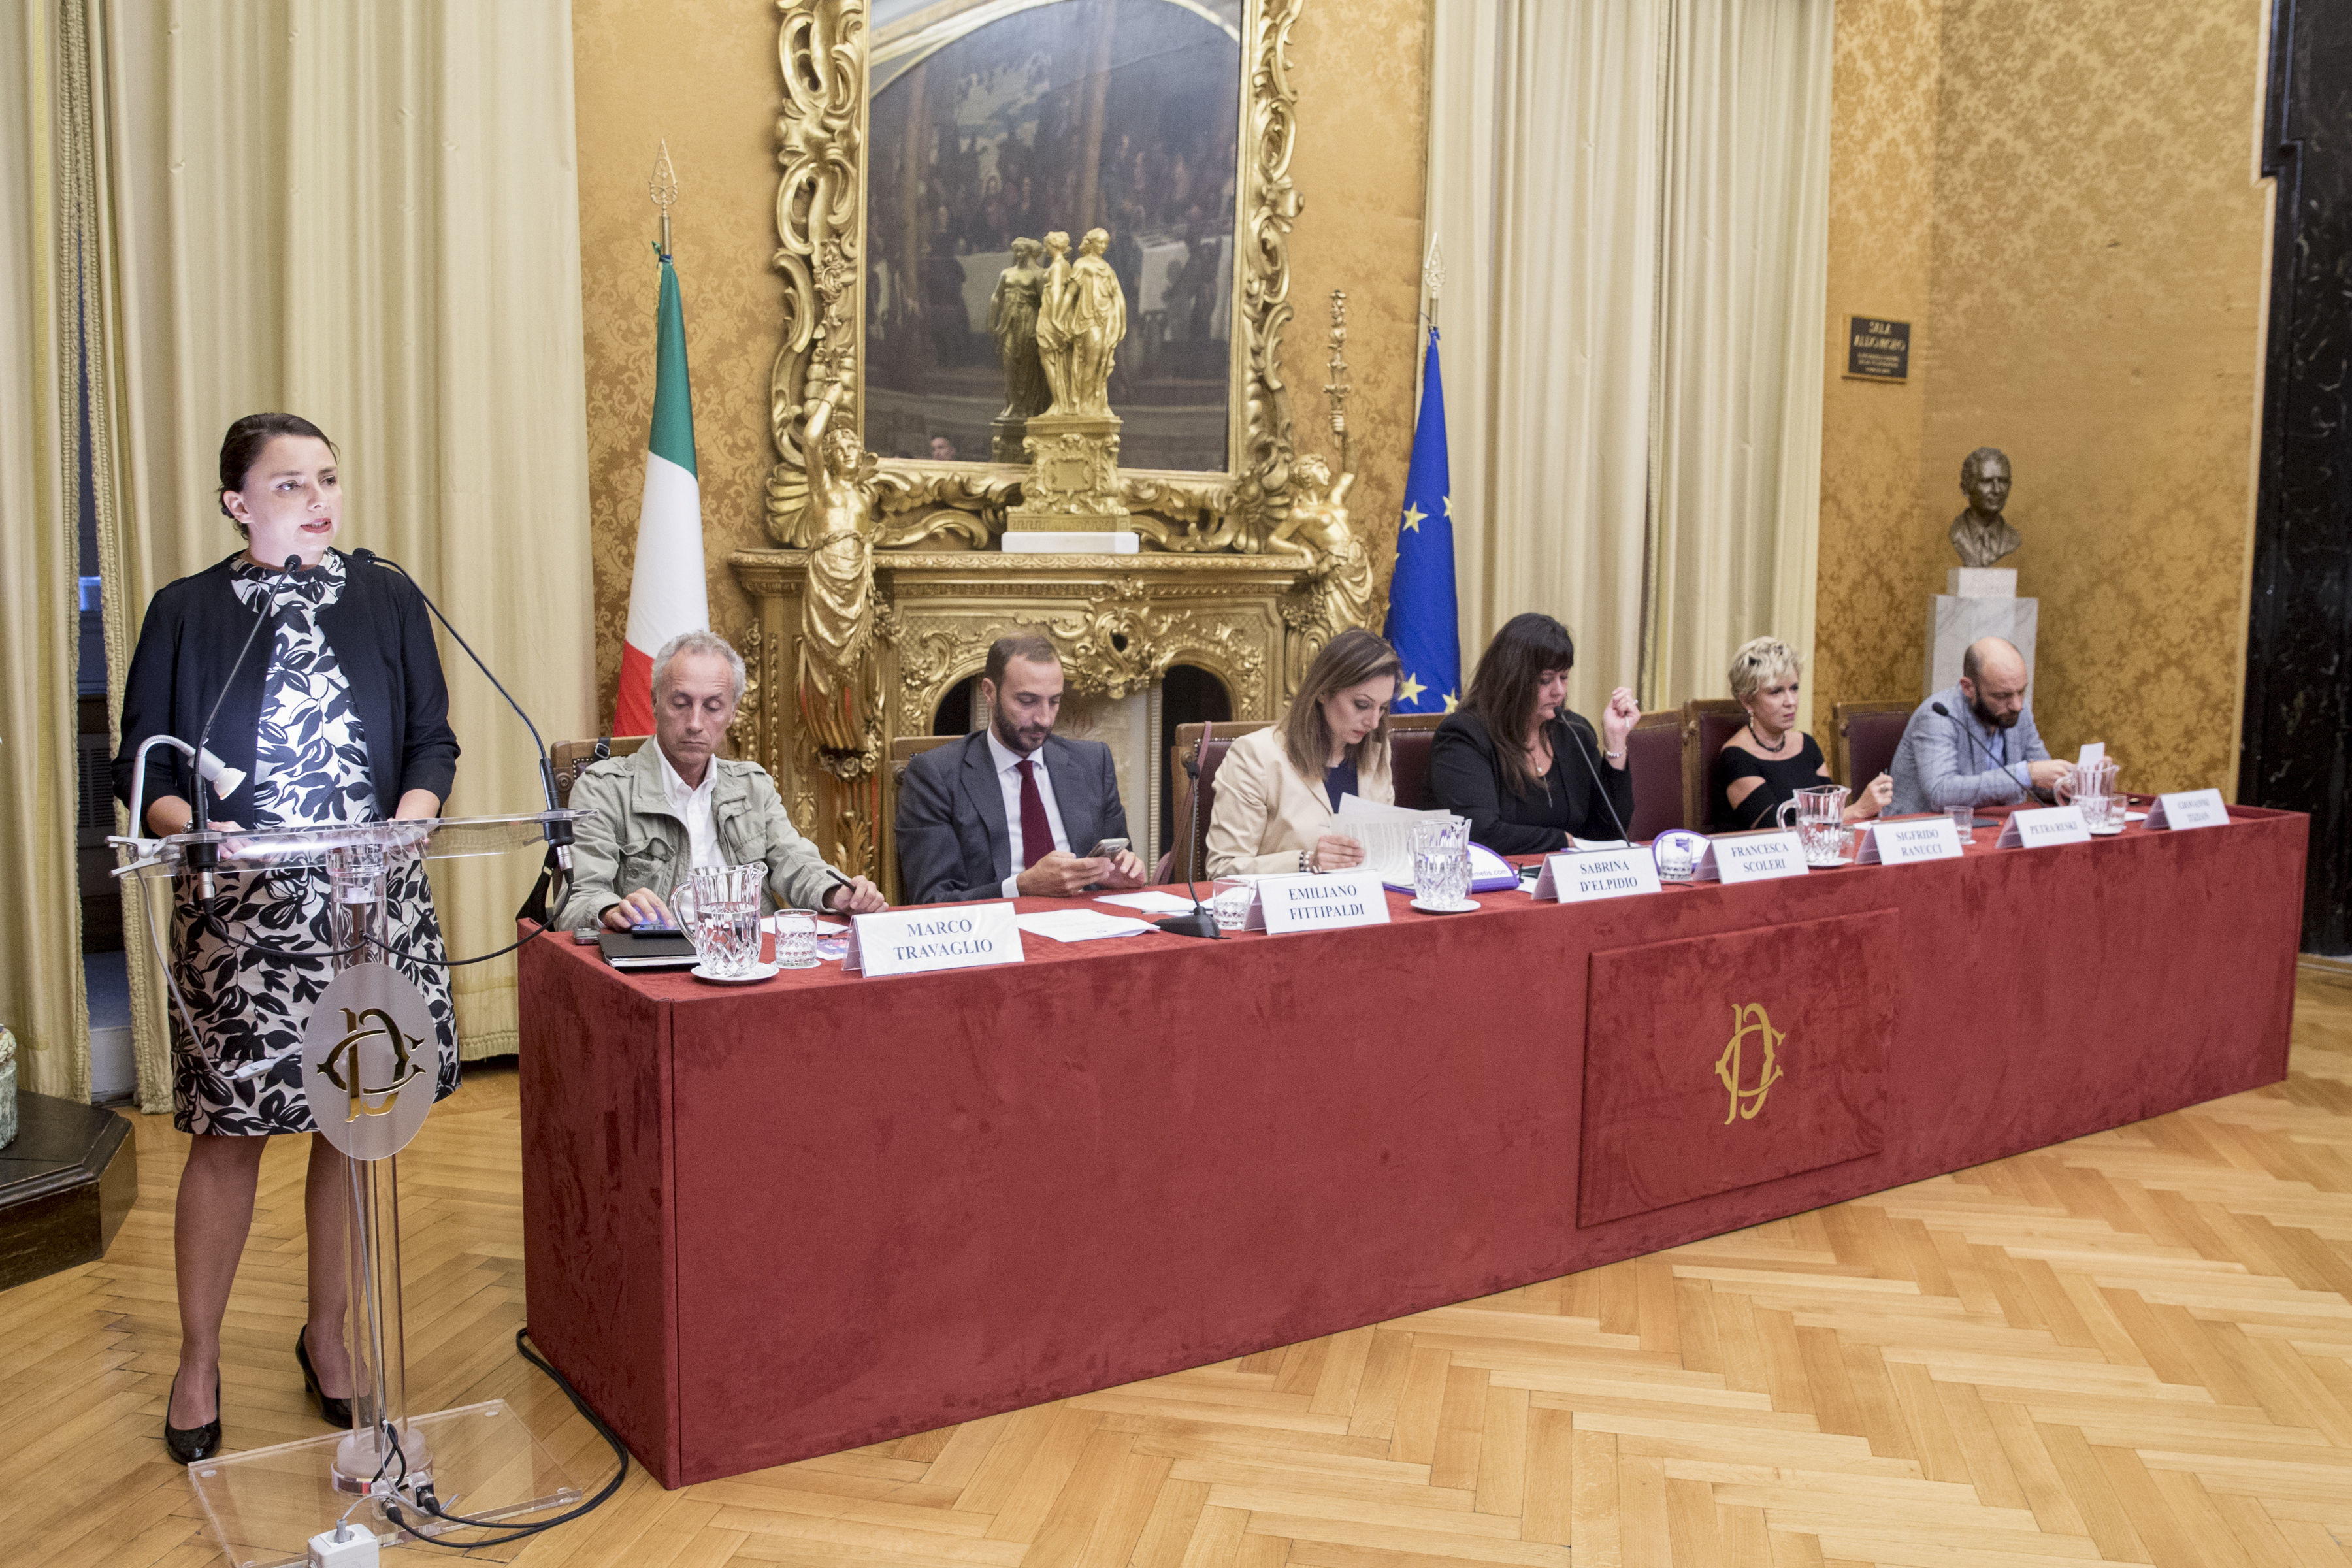 04_10_2018_Fico_Giornalismo_Pilastro_Democrazia-2563